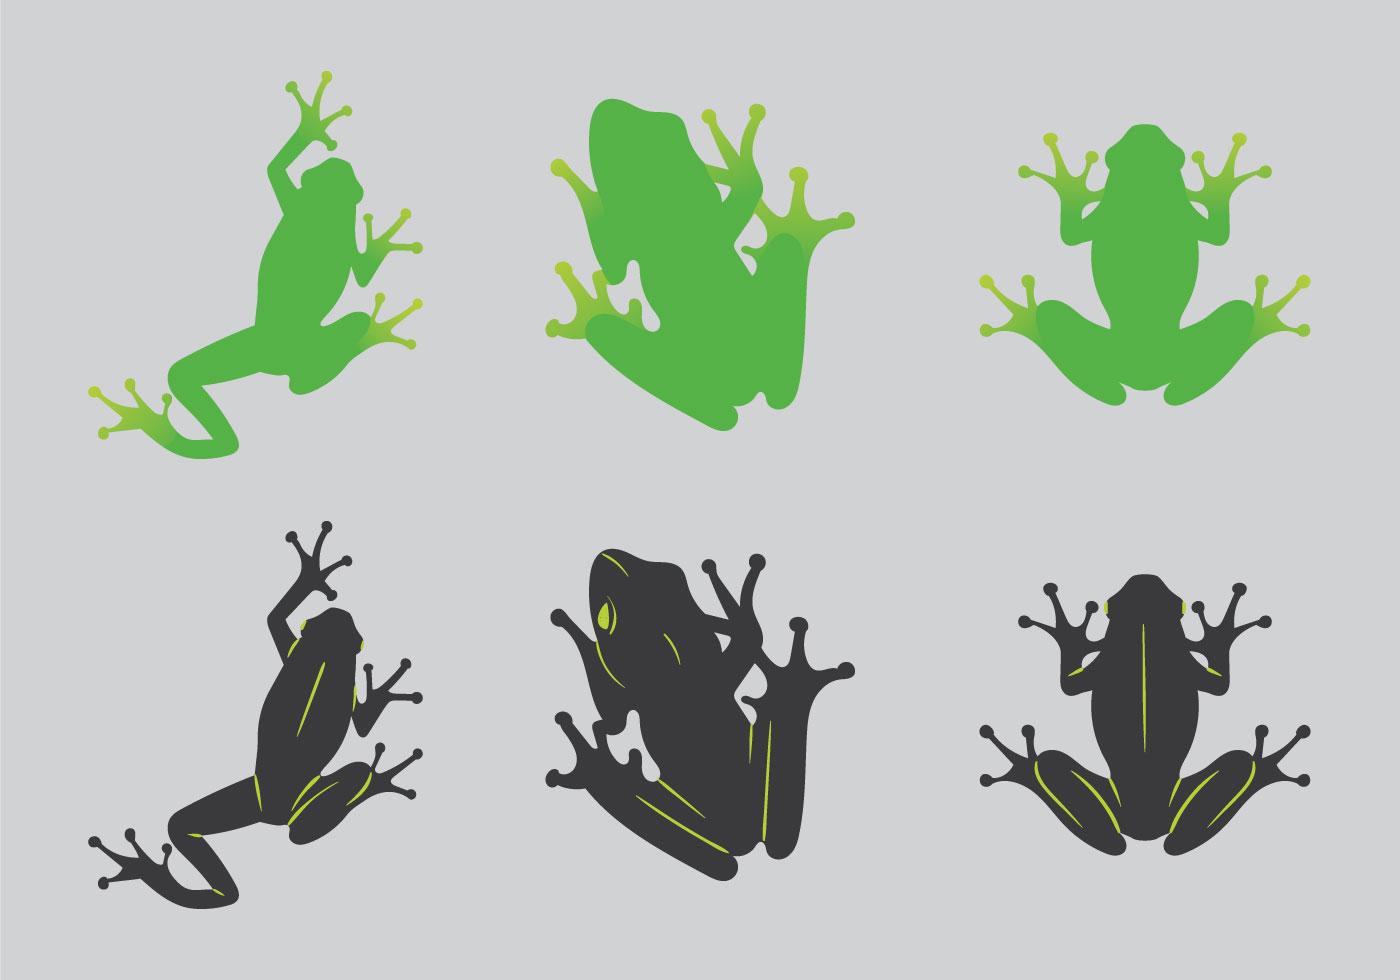 Vector Illustration Tree: Free Green Tree Frog Vector Illustration